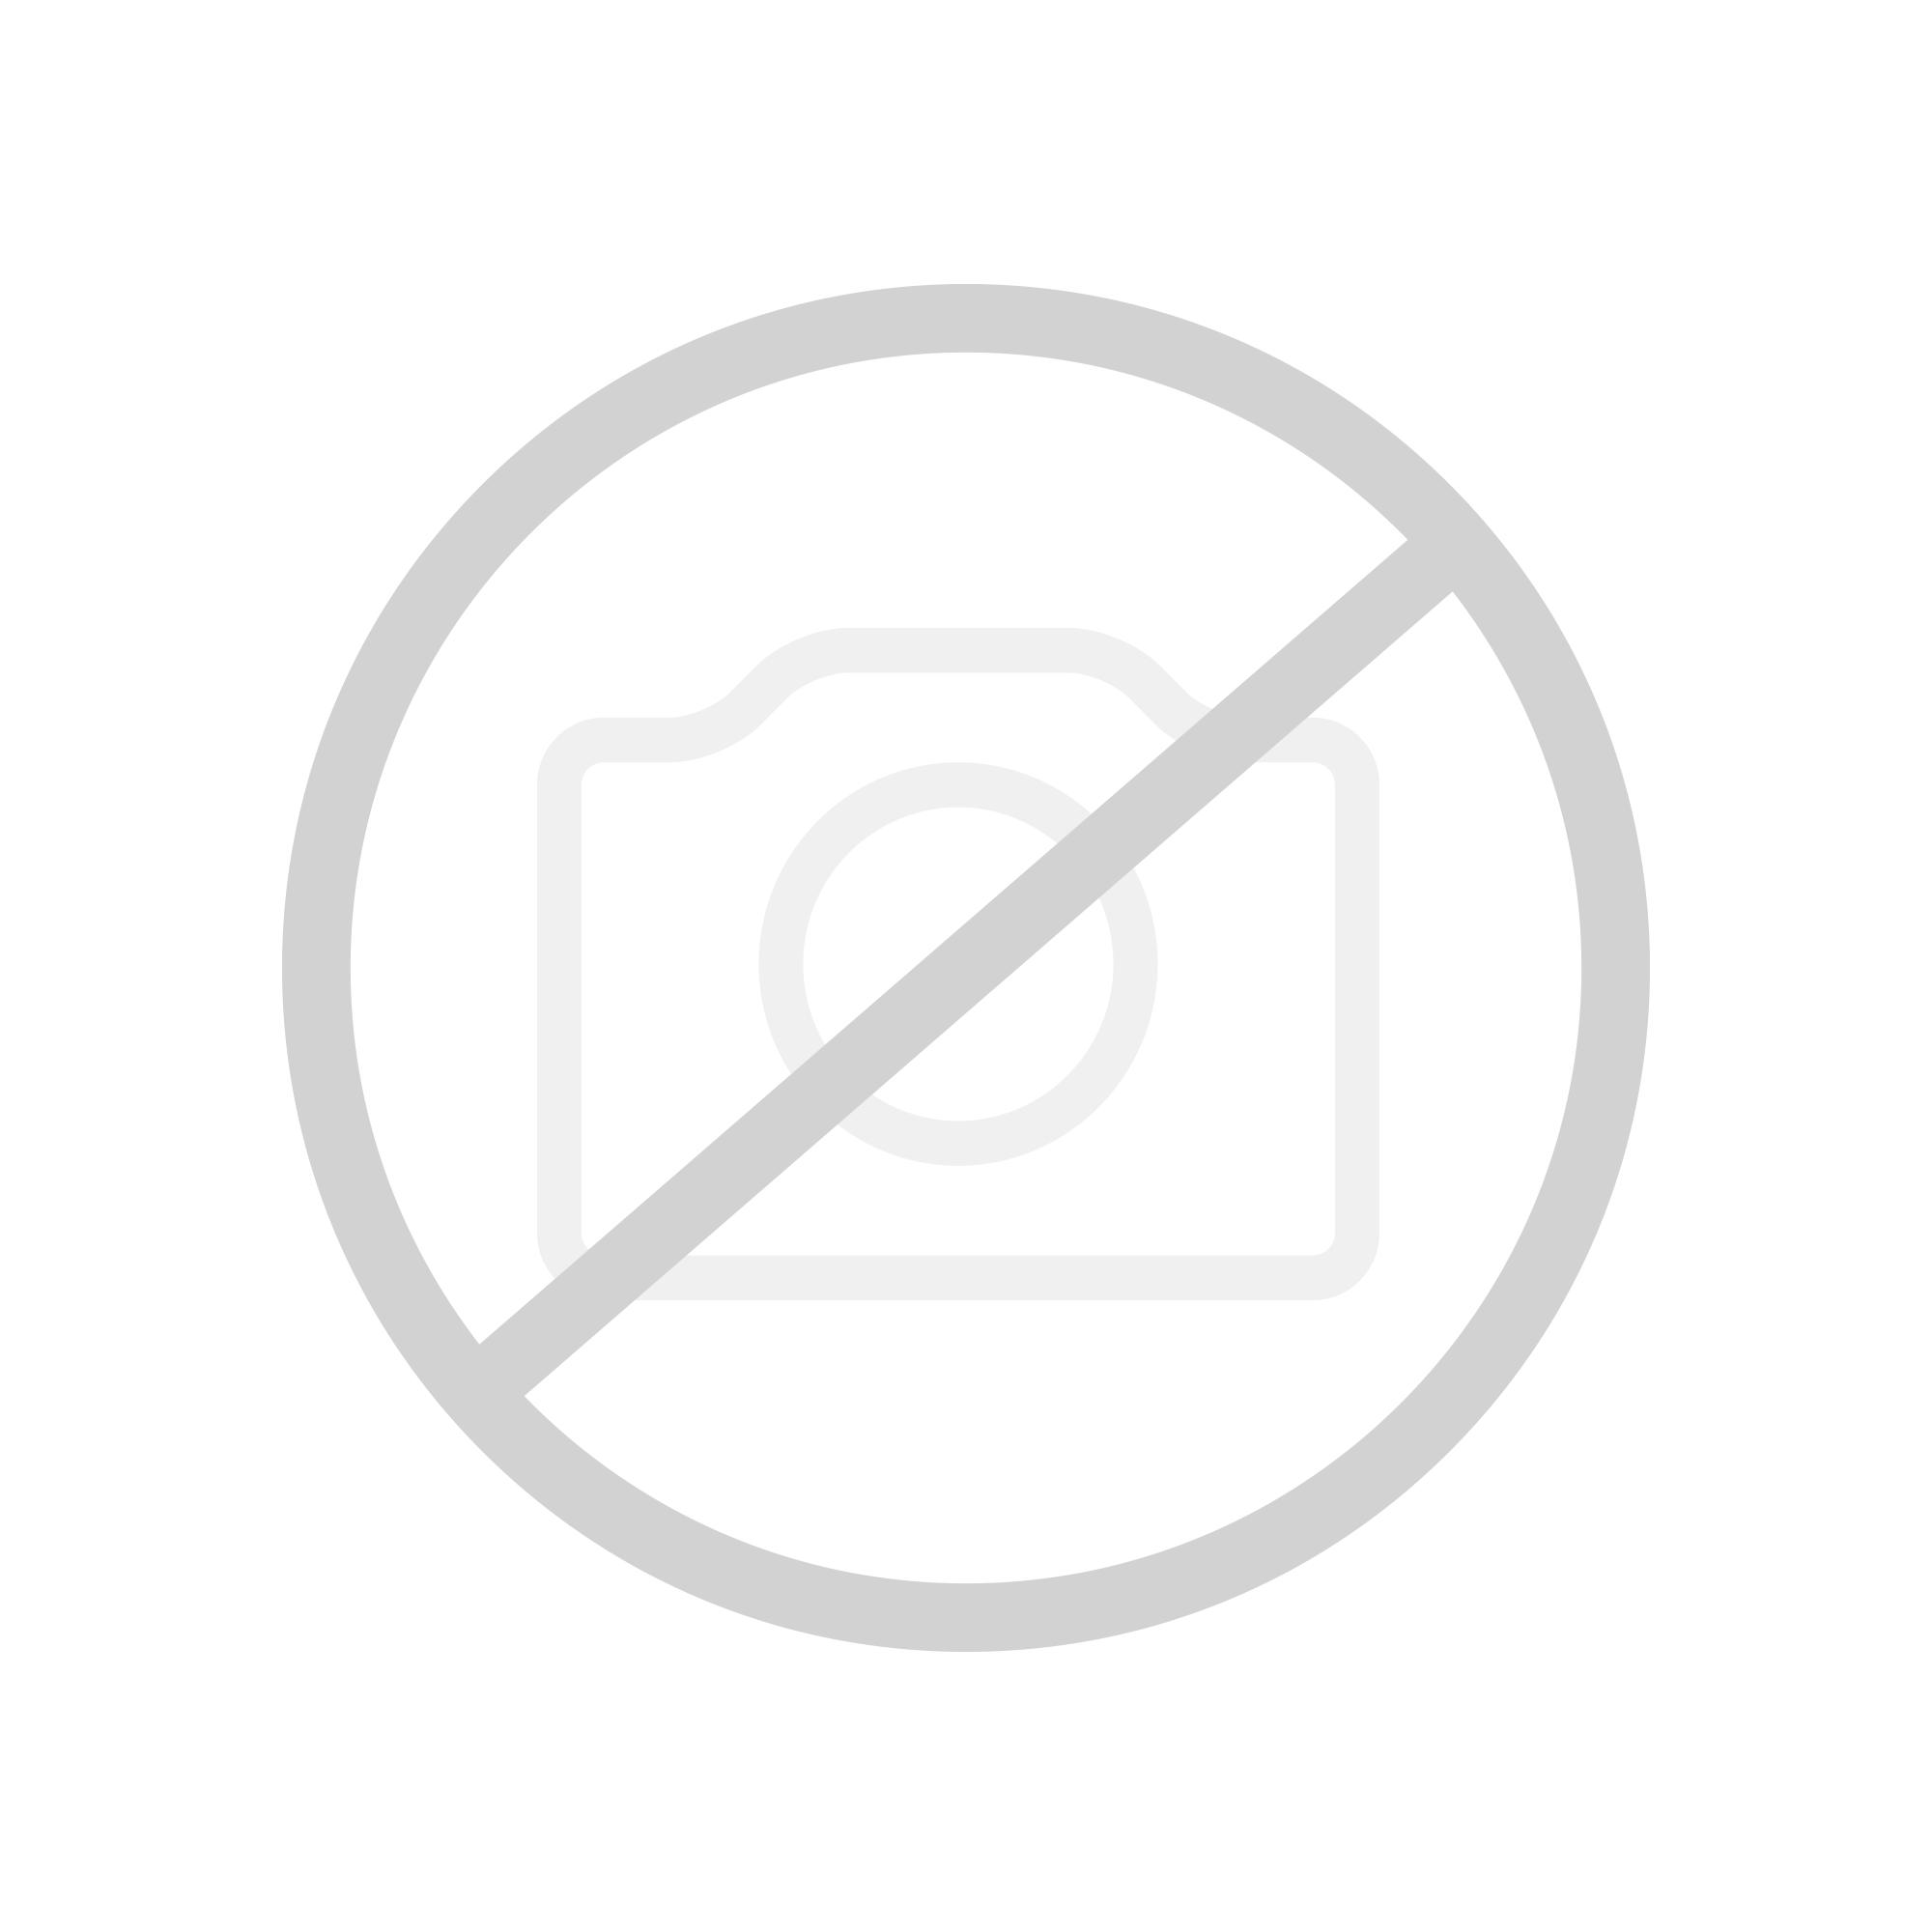 clage klein-durchlauferhitzer mbh 4, 4,4 kw- 230volt - 16004   reuter - Kleindurchlauferhitzer Für Die Küche